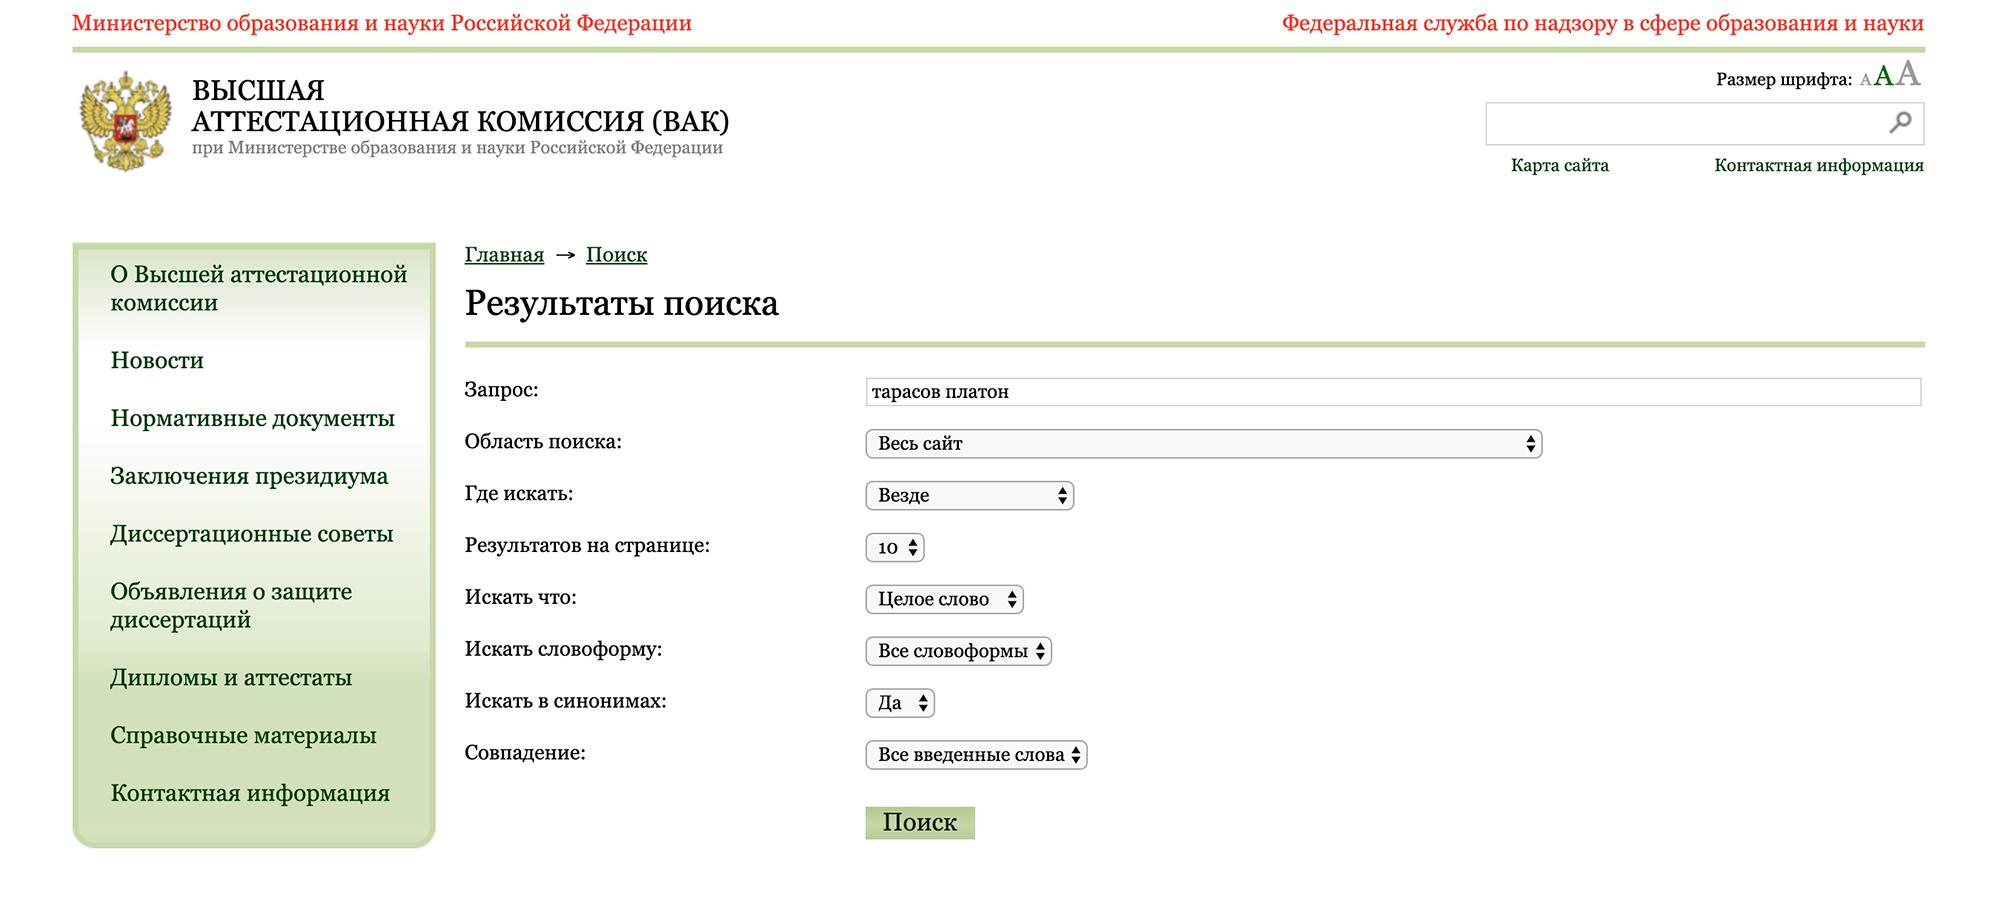 Если вам кажутся убедительными доводы какого-то российского ученого, поищите его имя на сайте ВАК. Возможно, этого человека не существует